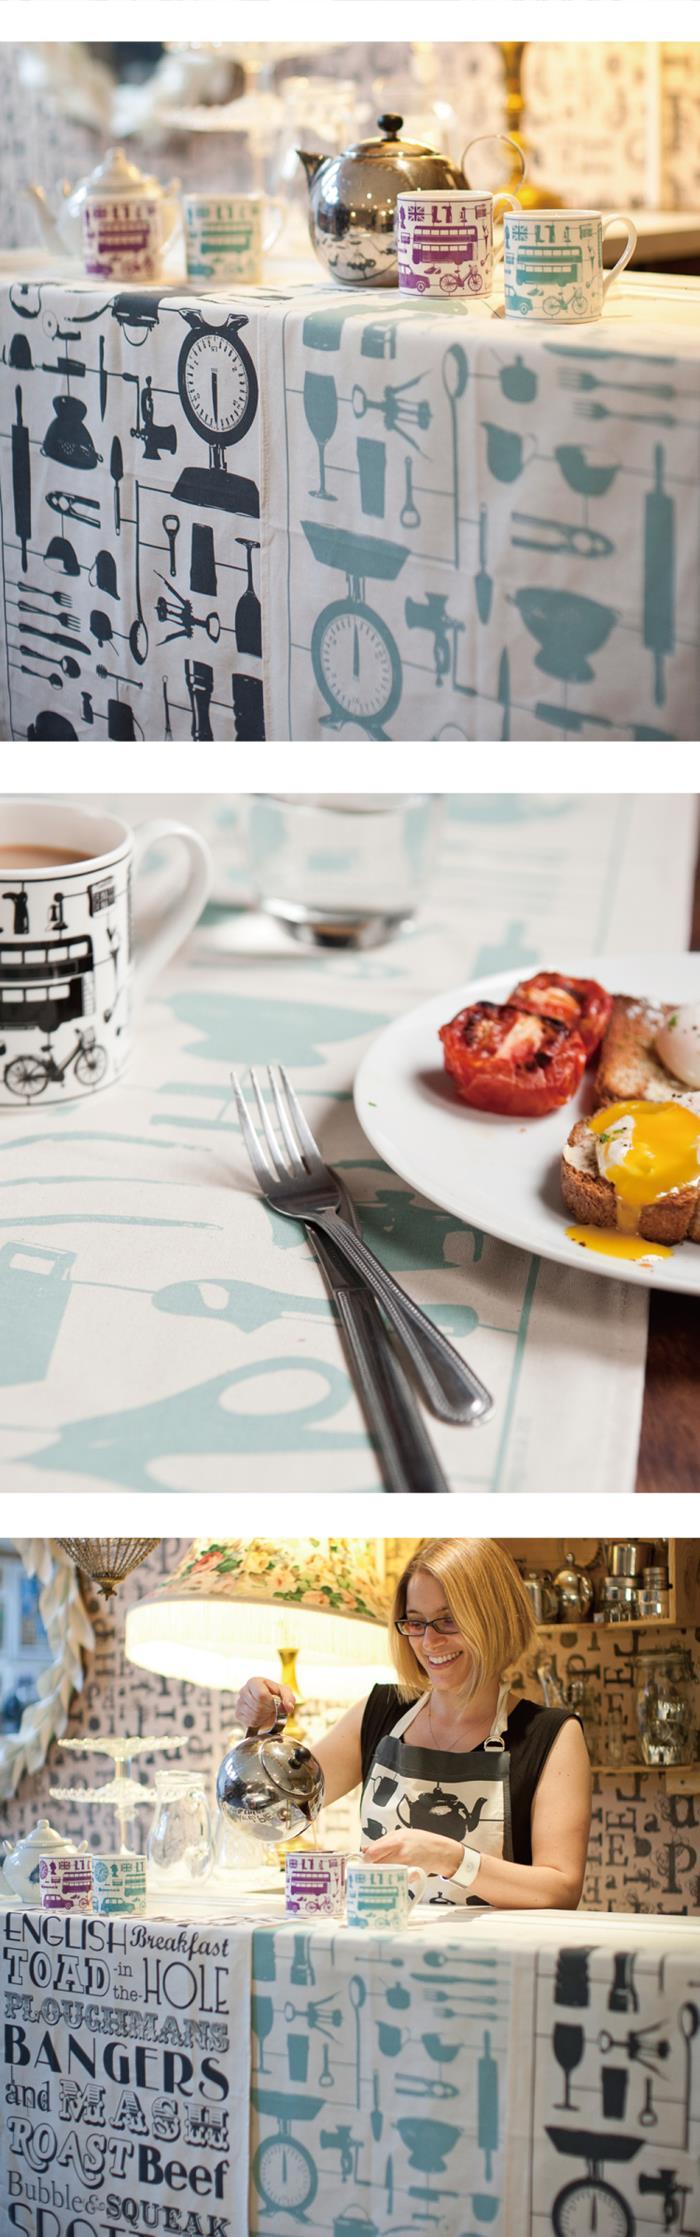 (複製)英國蛋 Victoria Eggs|純棉圍裙 蘇格蘭晚餐